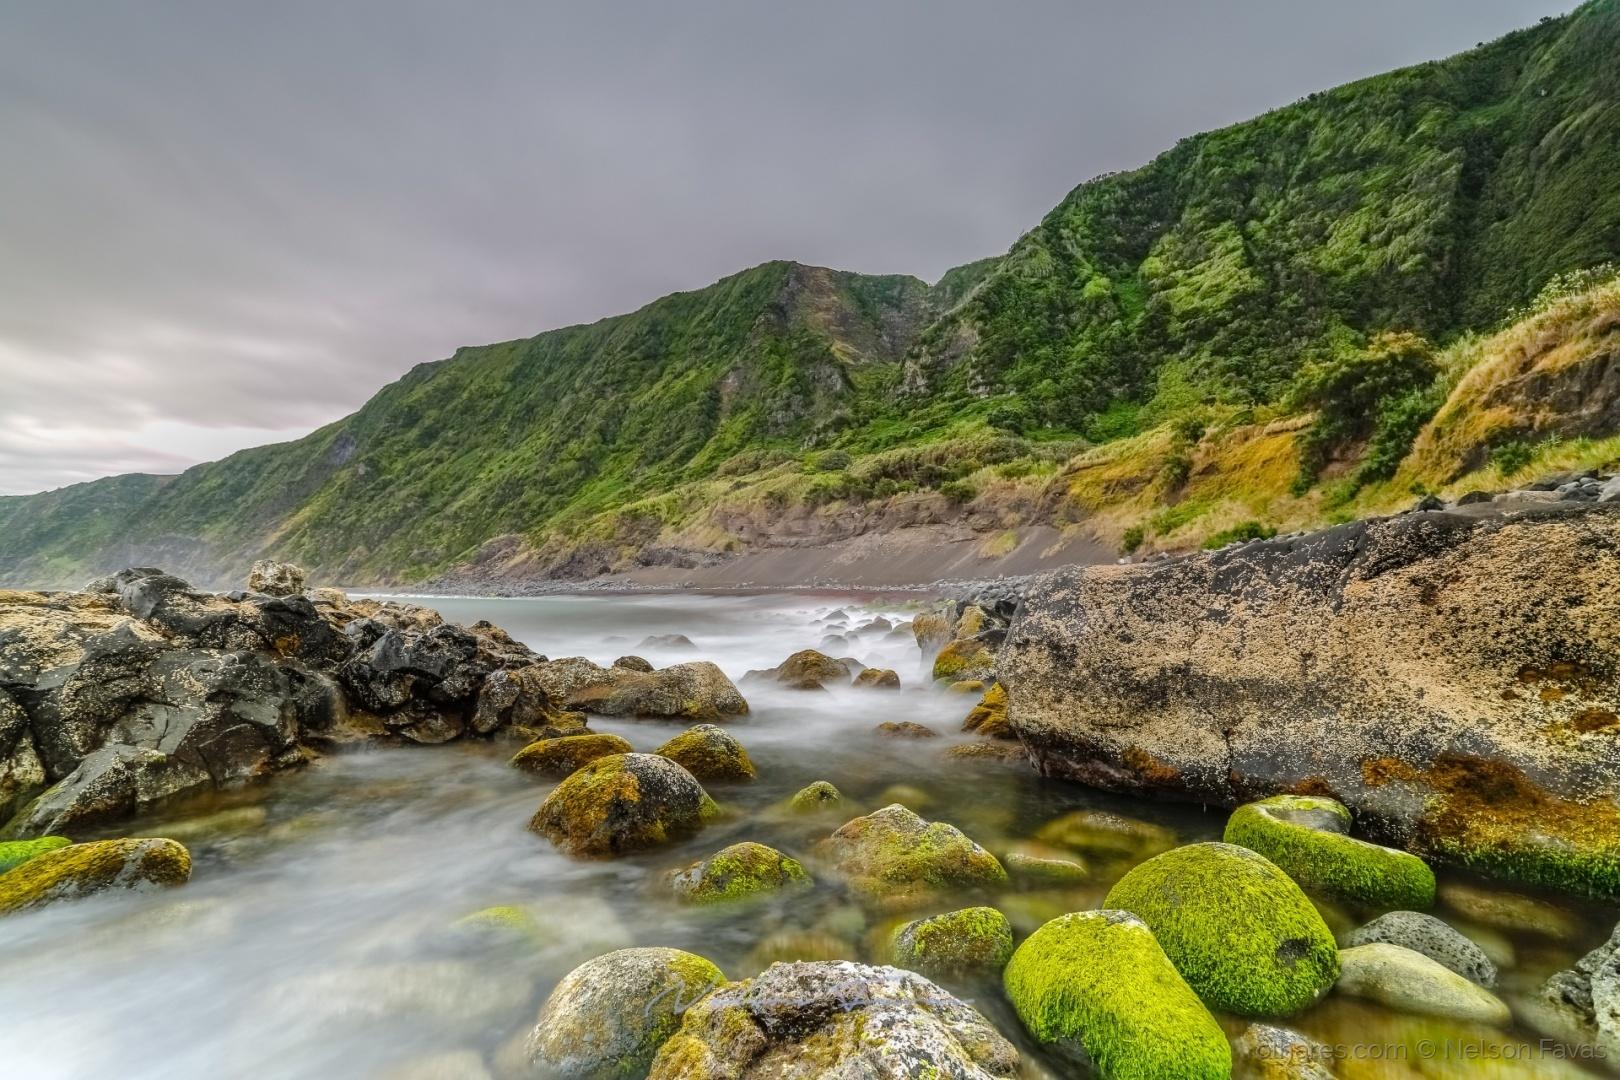 Paisagem Natural/Praia do Norte, Ilha do Faial, Azores